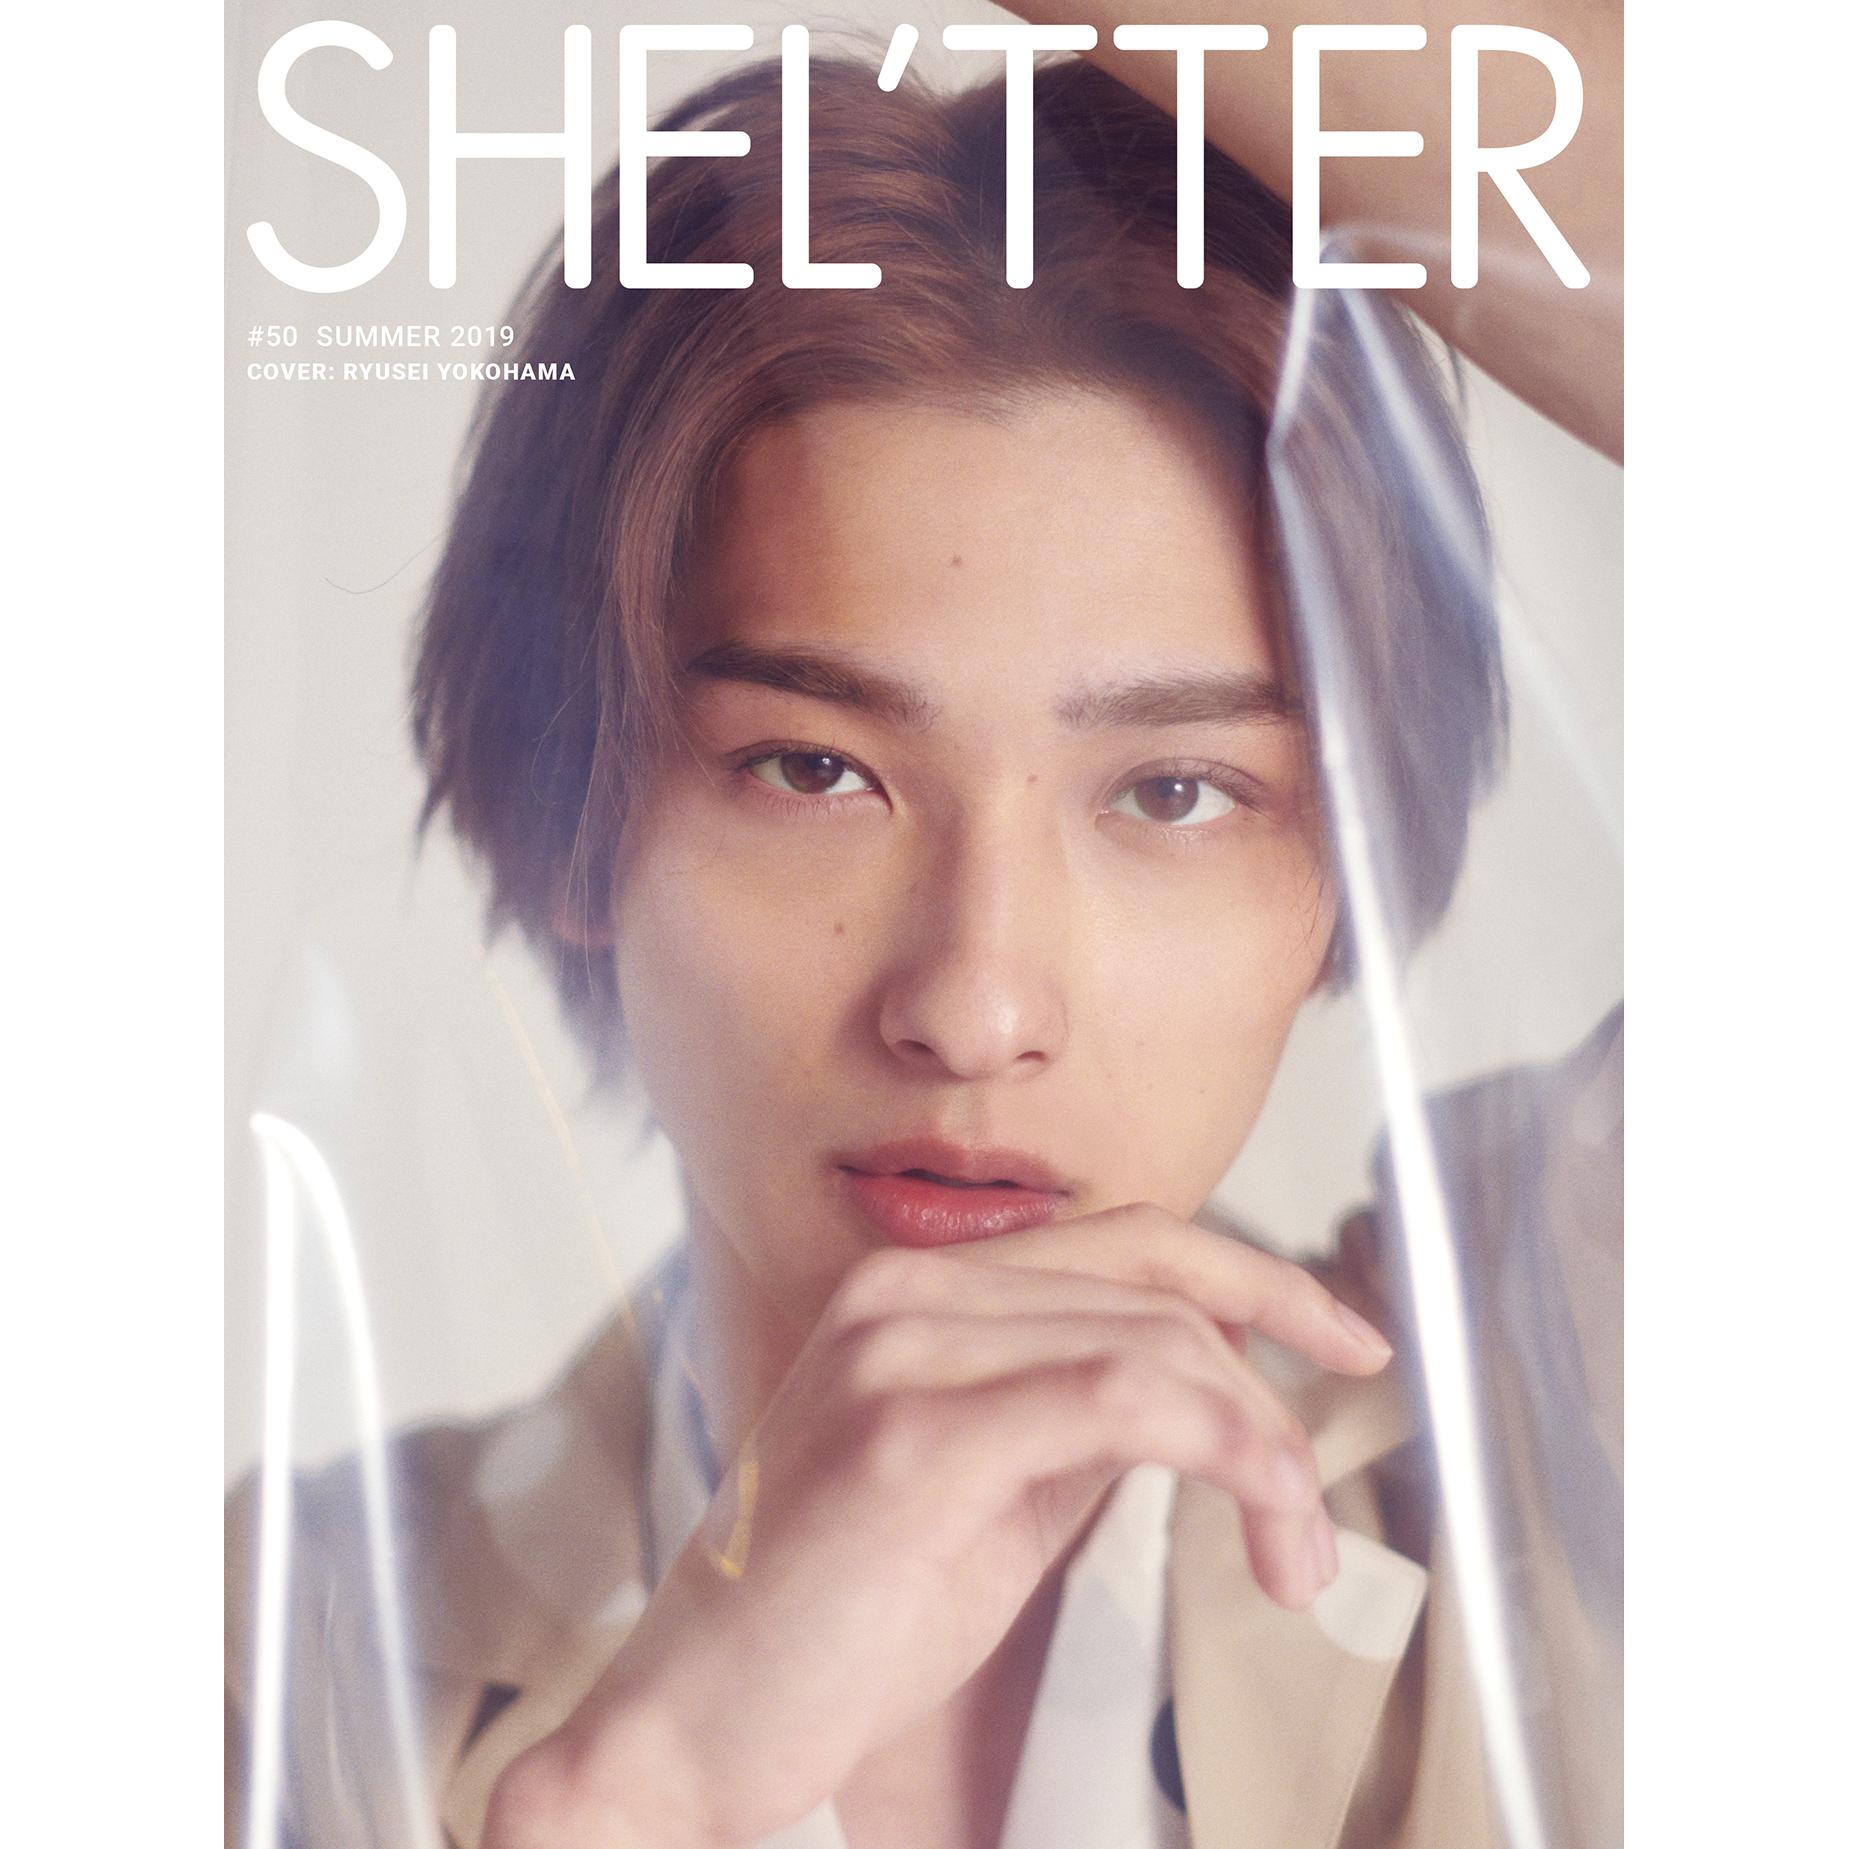 4月22日(月)発売『SHEL'TTER #50 SUMMER 2019』 記念すべきSHEL'TTER Vol.50のカバーに《水原希子》、《横浜流星》が初登場!